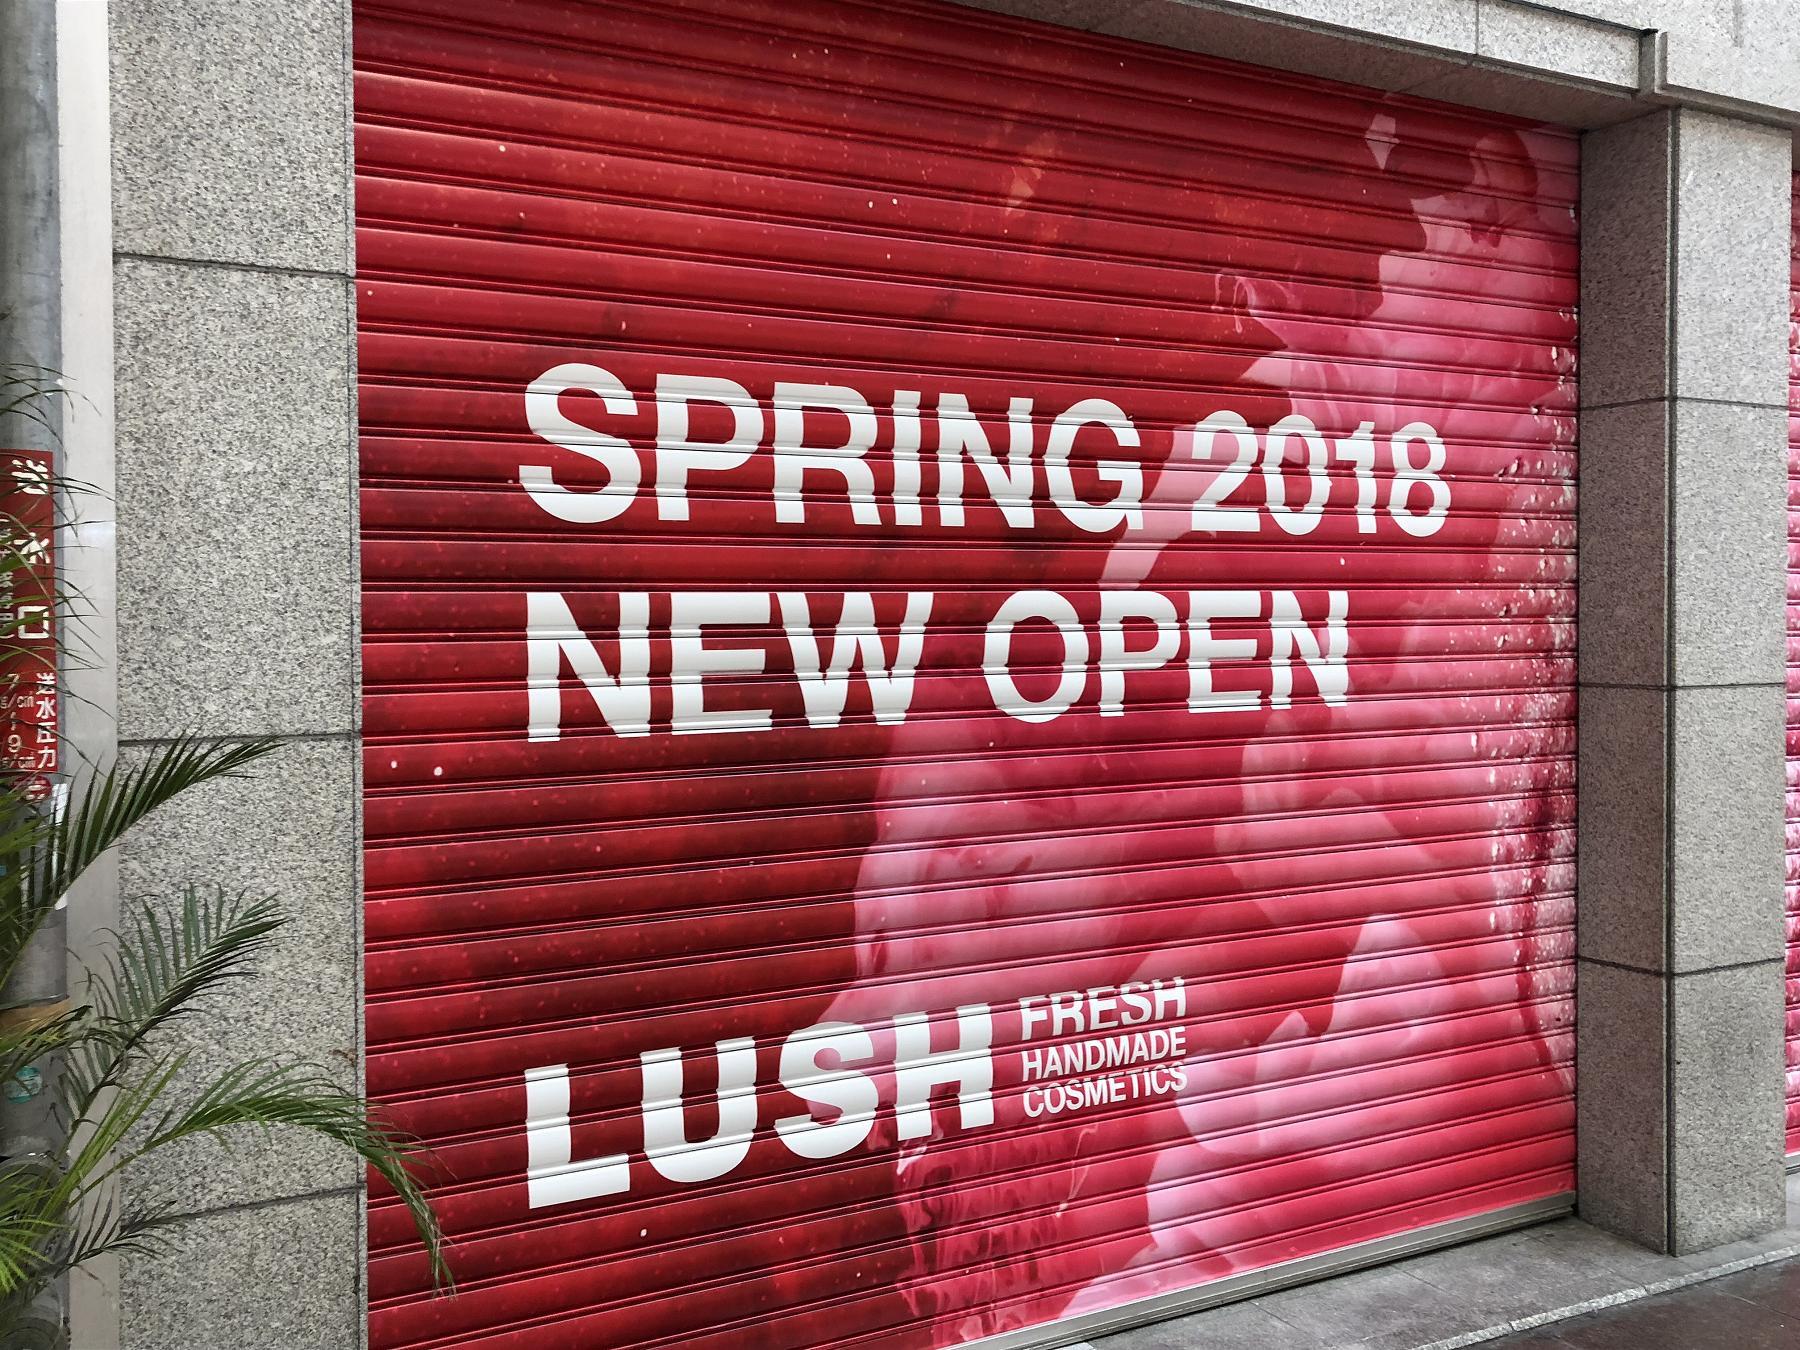 神戸・三宮センター街の「フライング タイガー」跡地に、2018年春「 #LUSH神戸三宮店 」がオープンするよ! #新規オープン #LUSH #神戸三宮